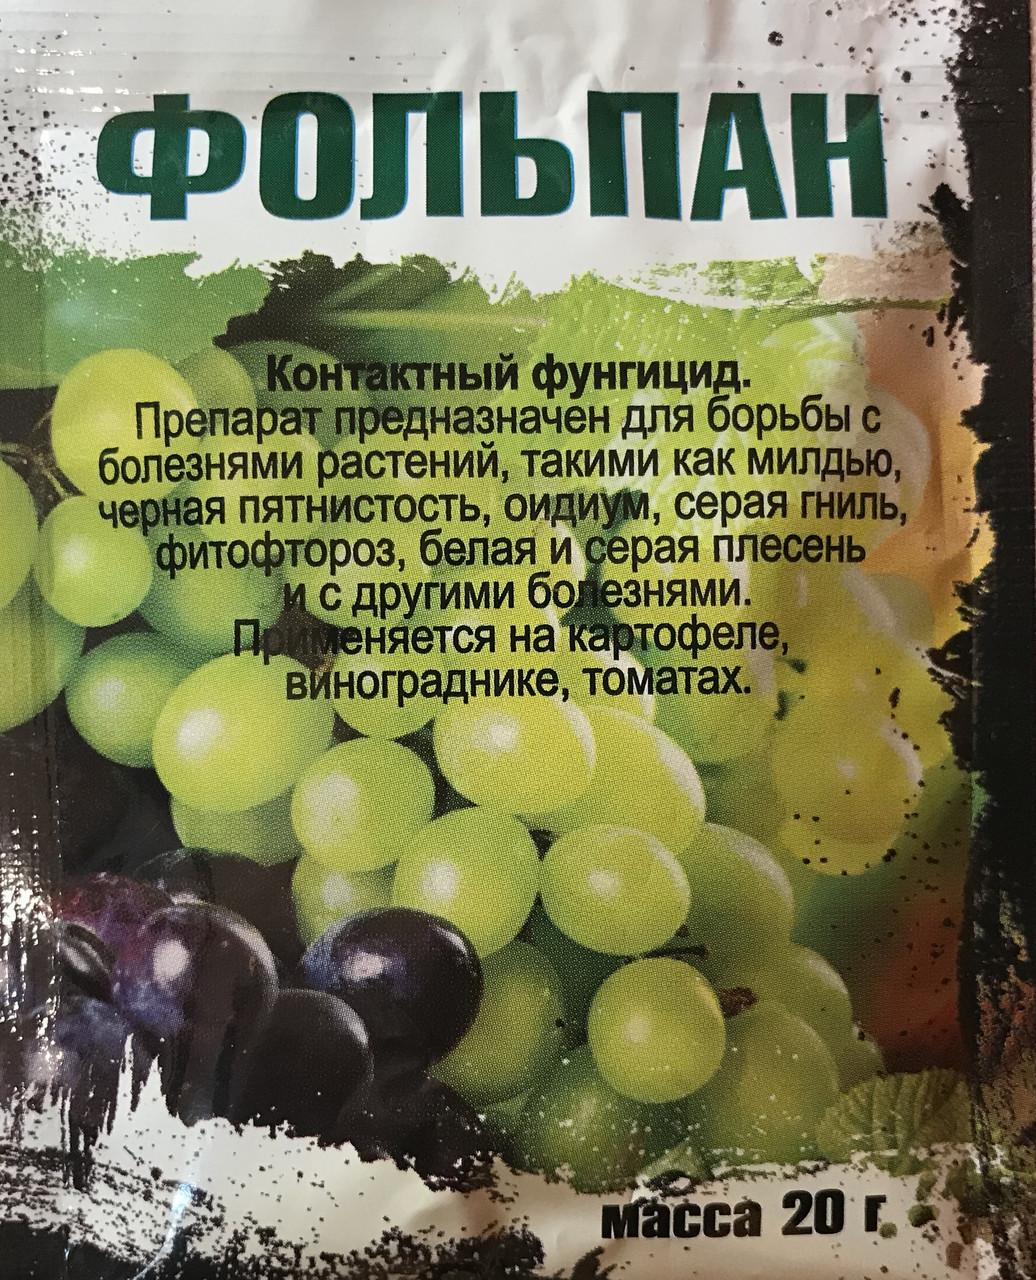 Фольпан - фунгицид, 20 гр